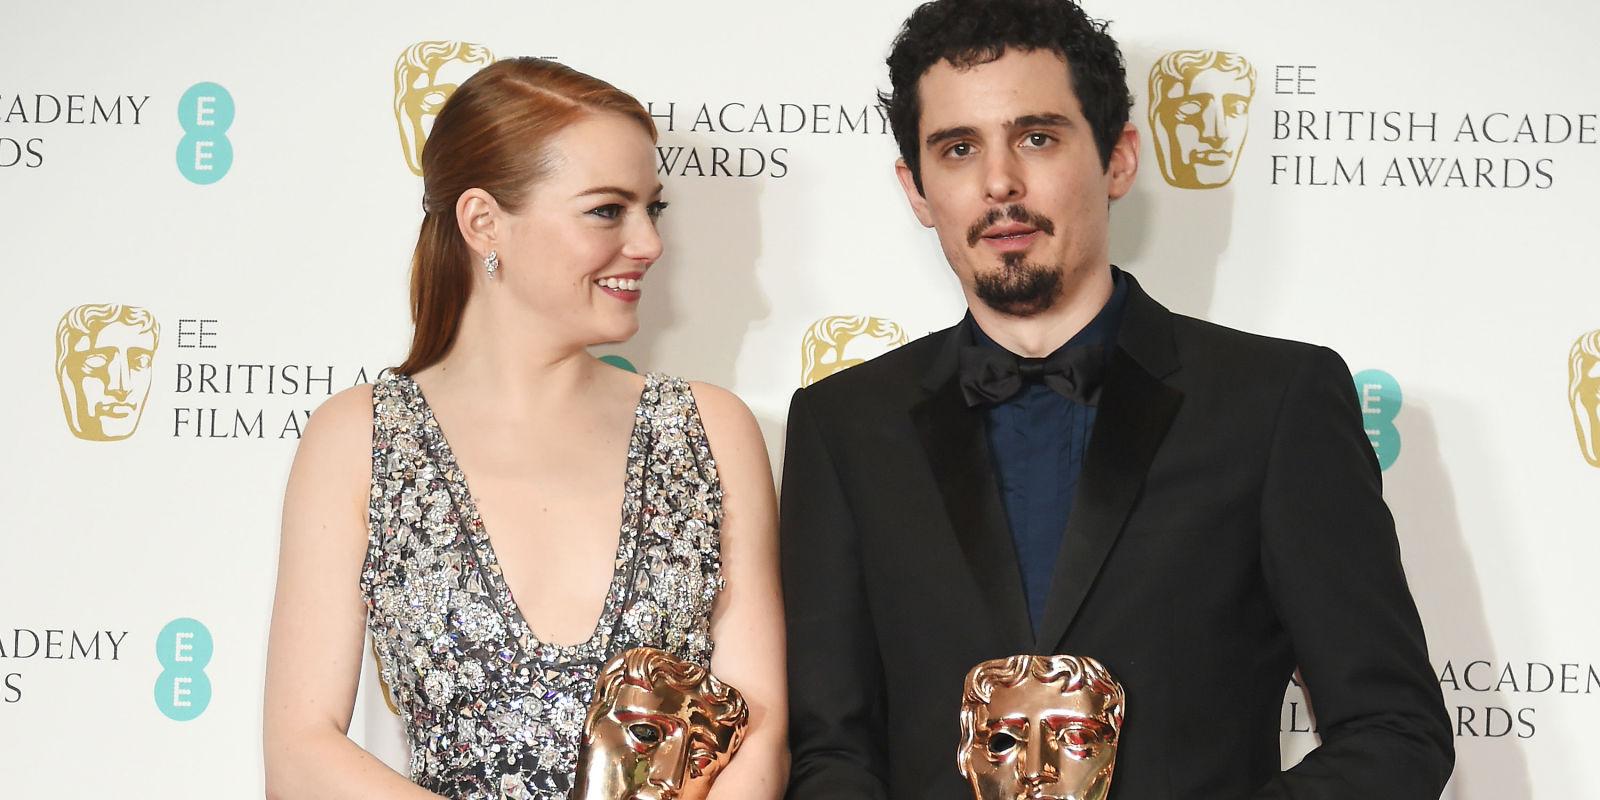 Bafta Winners: La La Land Dances Off With Five BAFTA Film Awards